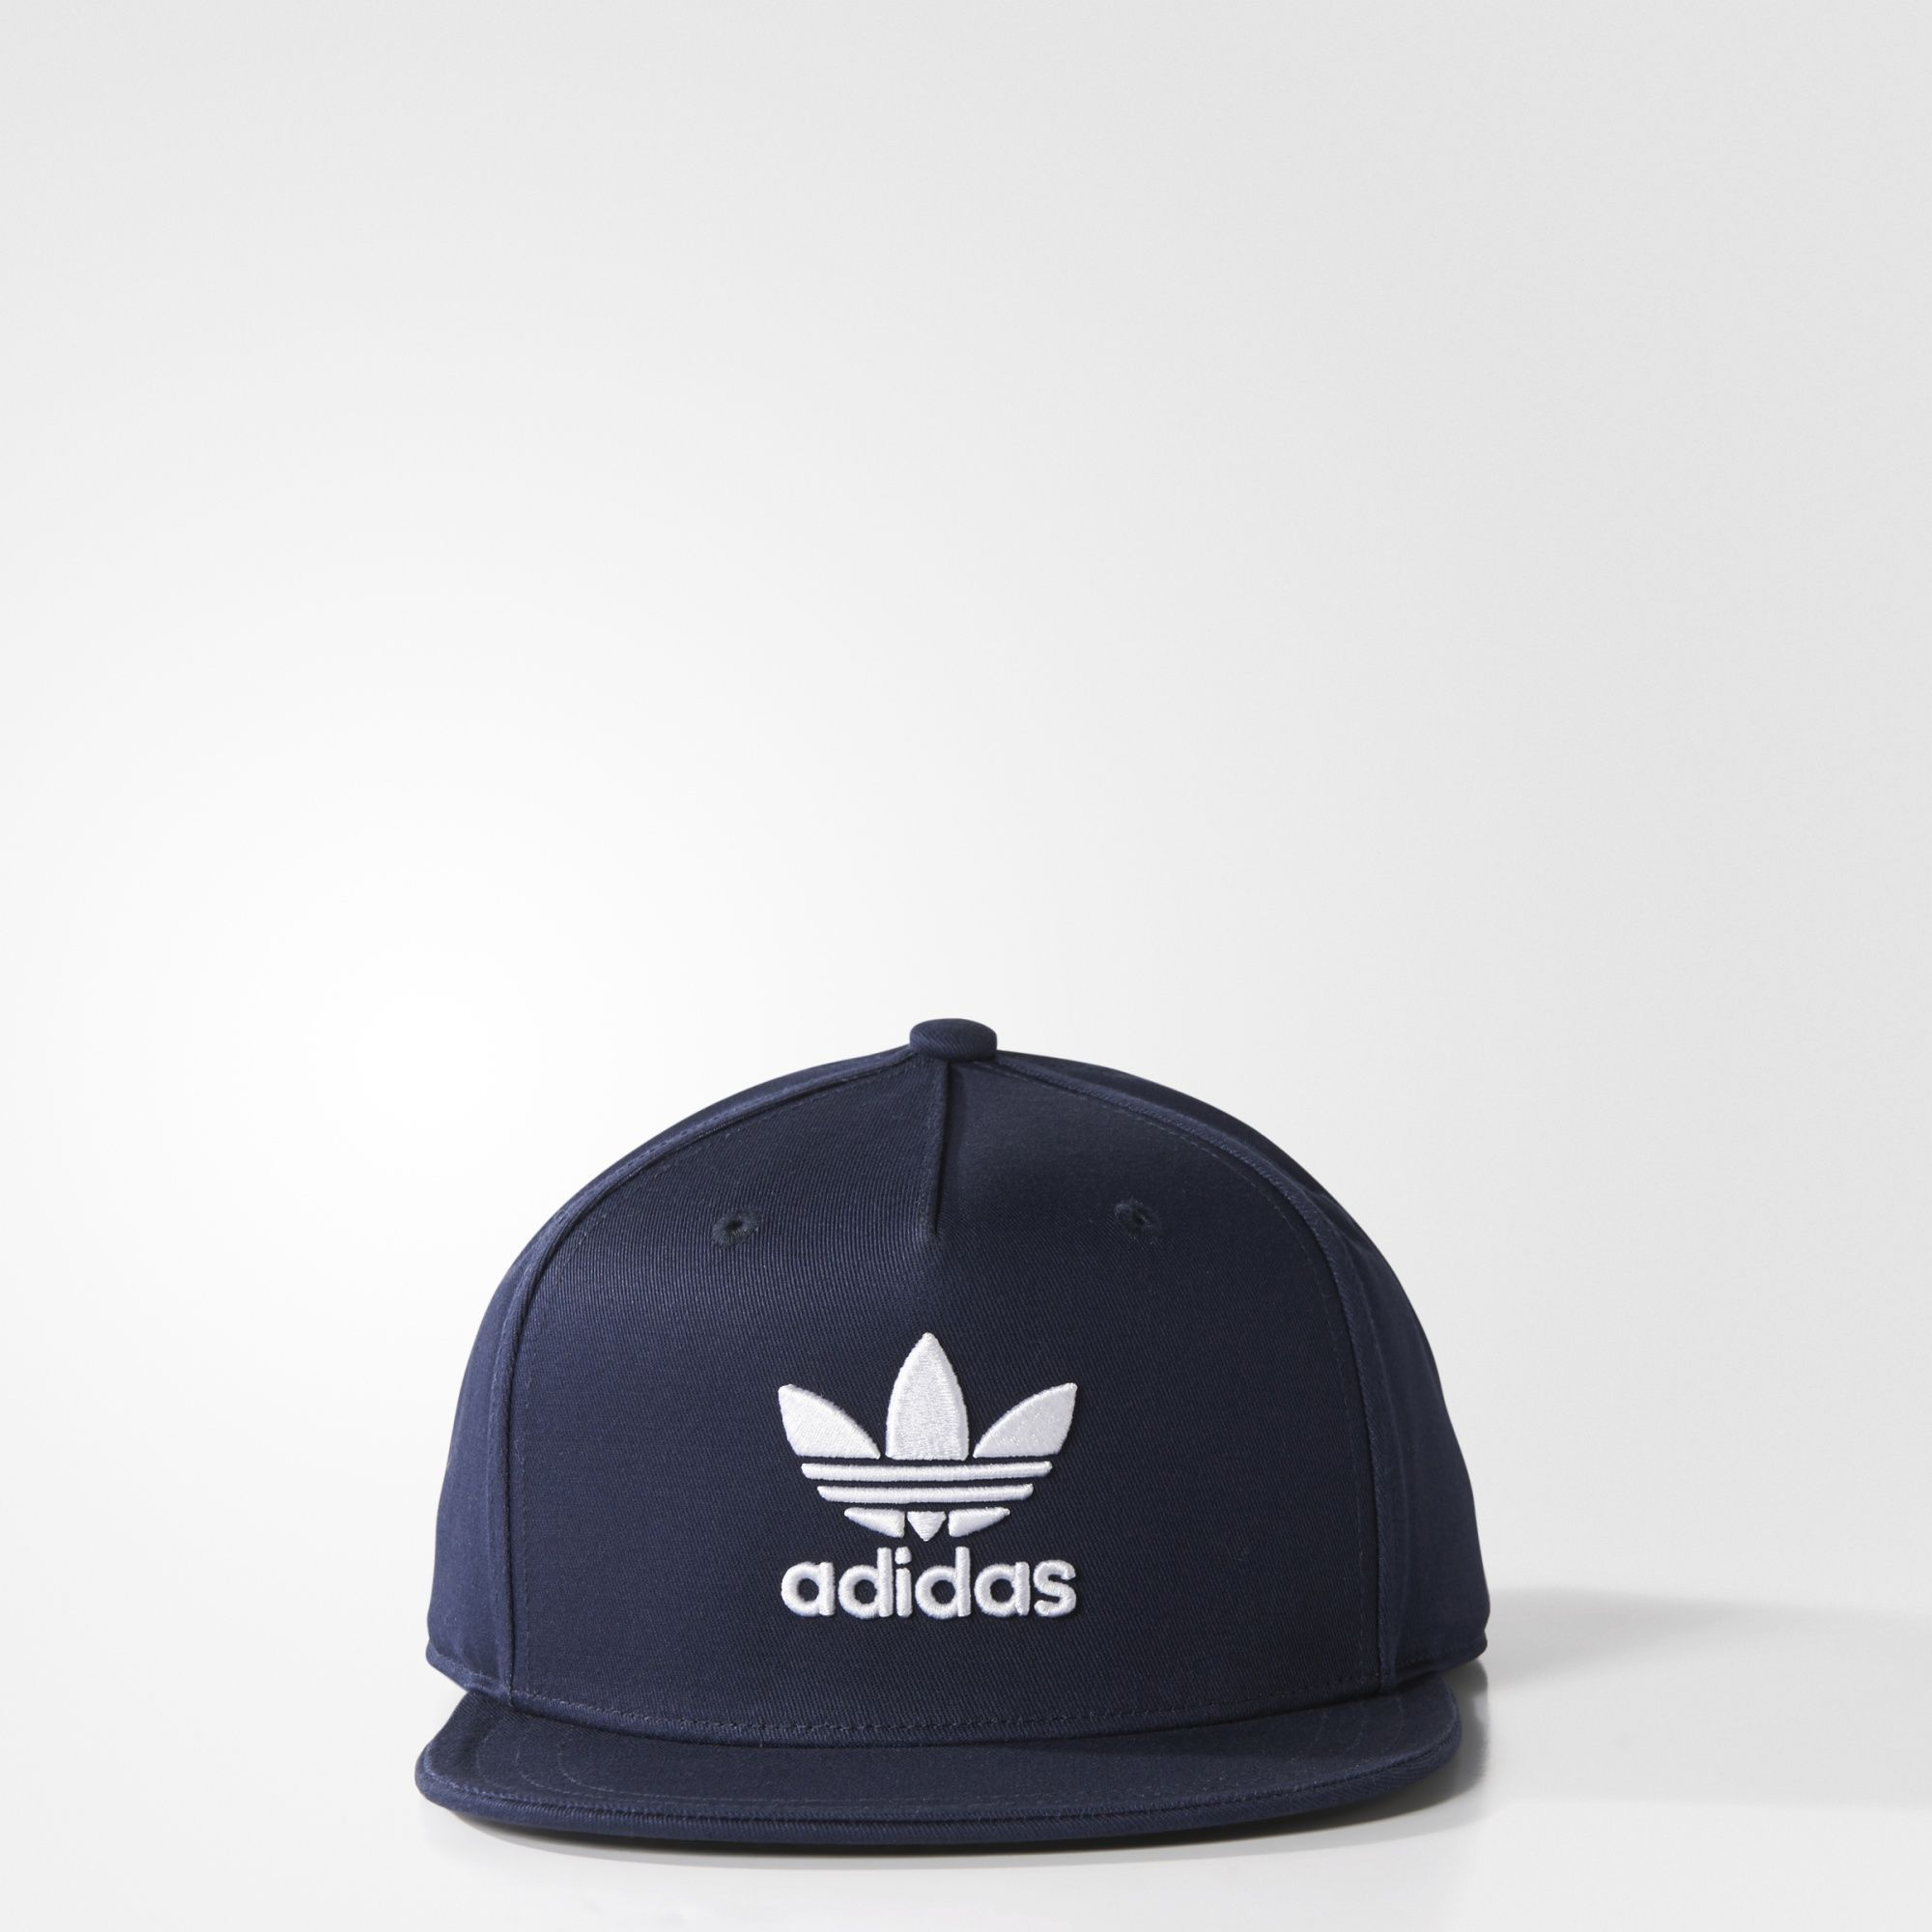 Celebra el legado con de adidas con esta gorra gorra de de sarga de algodón. 6981f26 - rogvitaminer.website